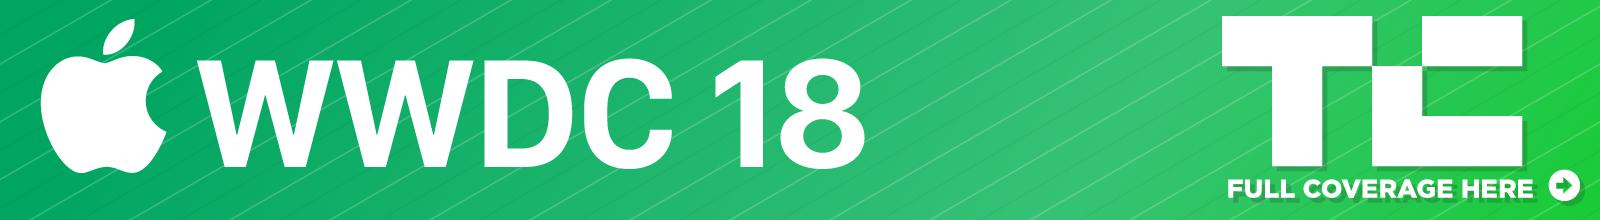 wwdc18 banner 4